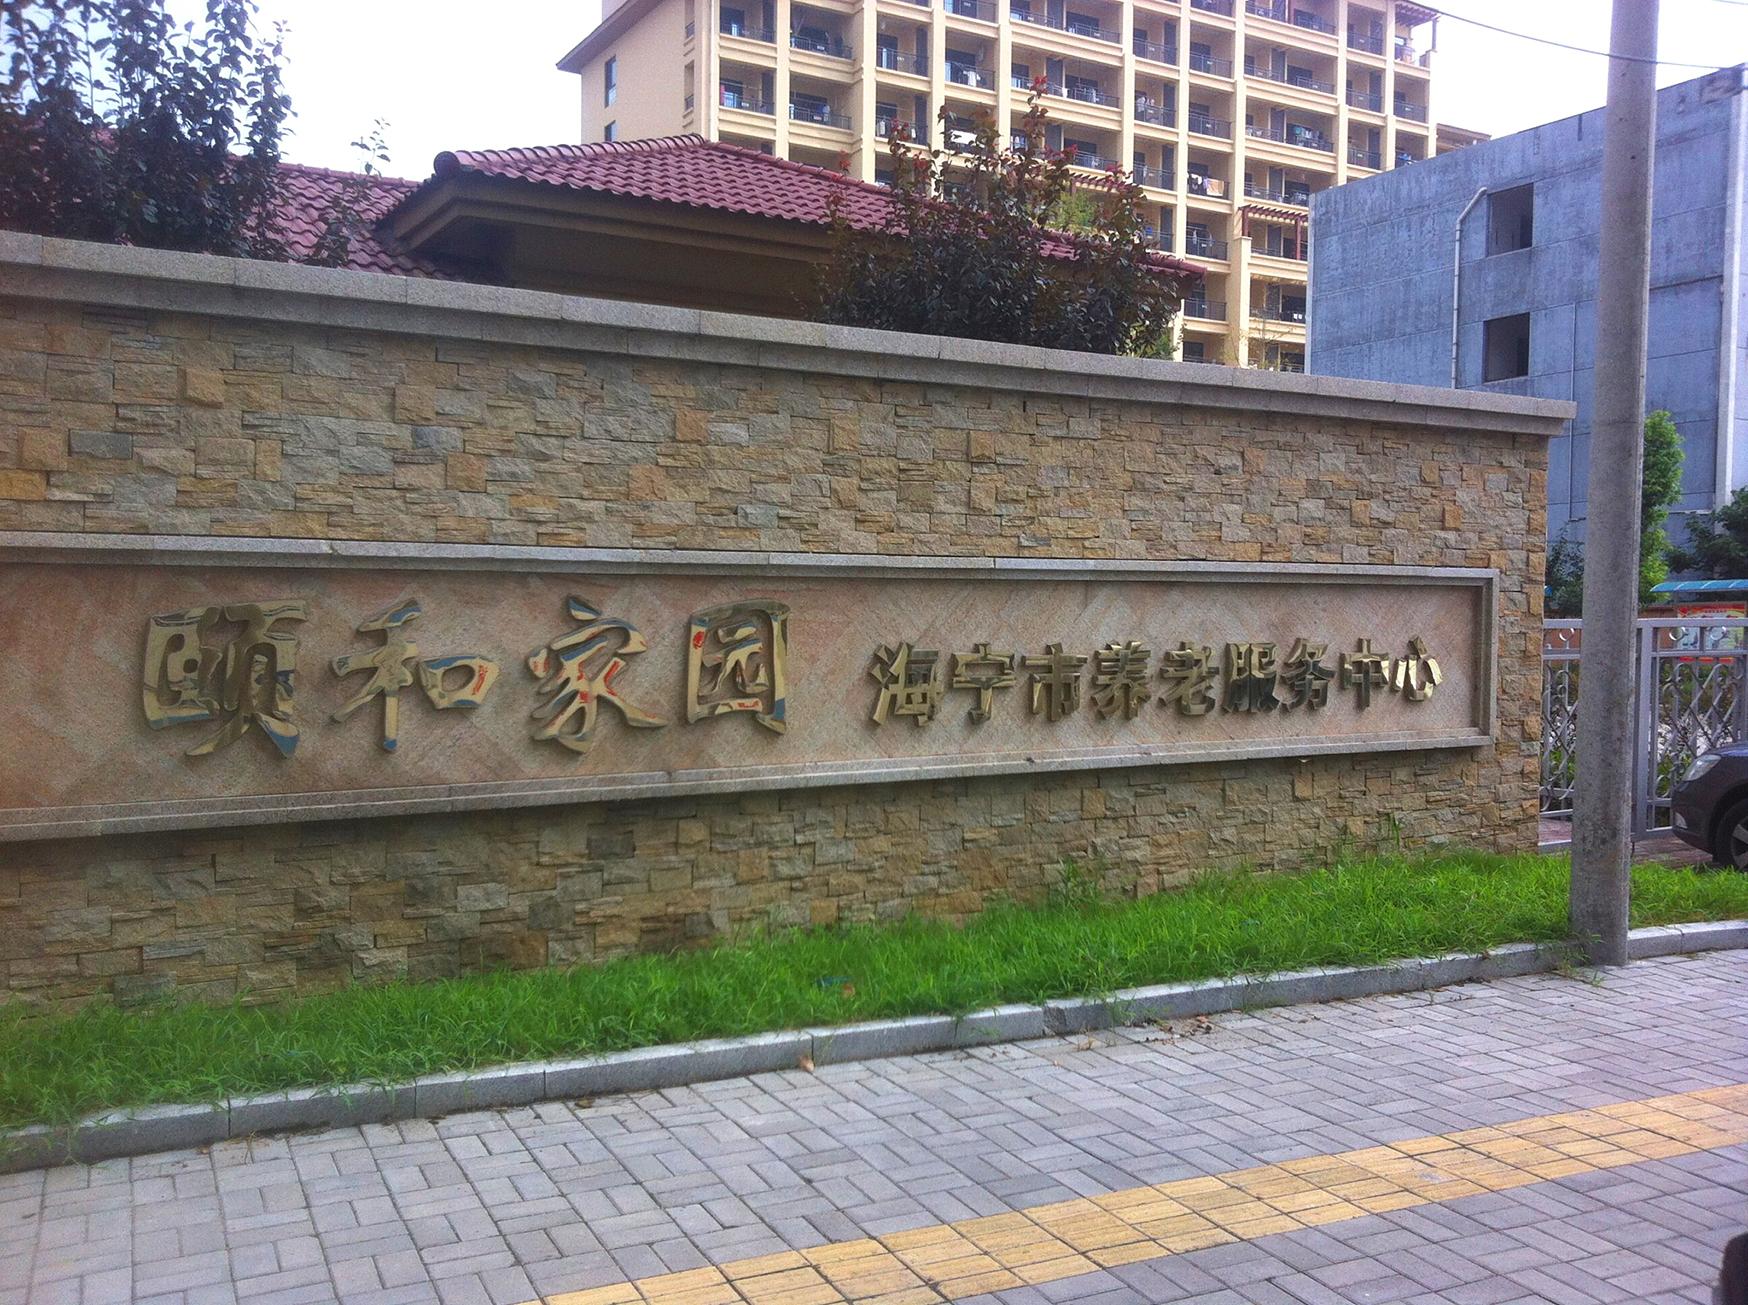 【京邦·会议扩声系统案例】海宁市养老服务中心